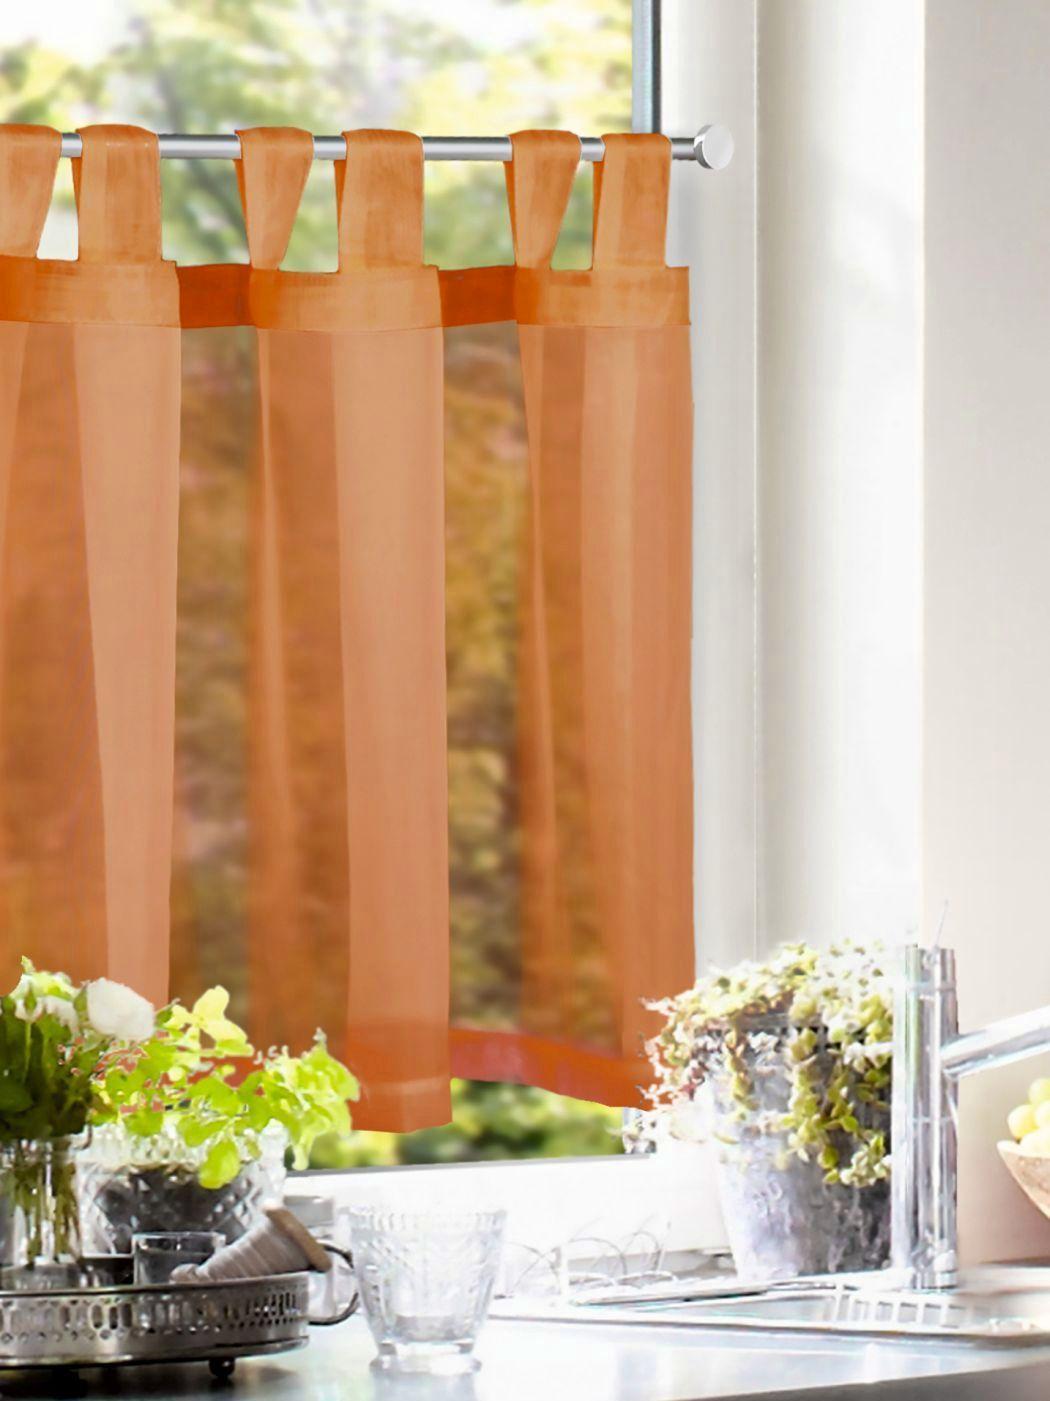 Full Size of Scheibengardine Querbehang Einfarbig Orange Gardinen Outlet Wohnzimmer Küchenvorhang